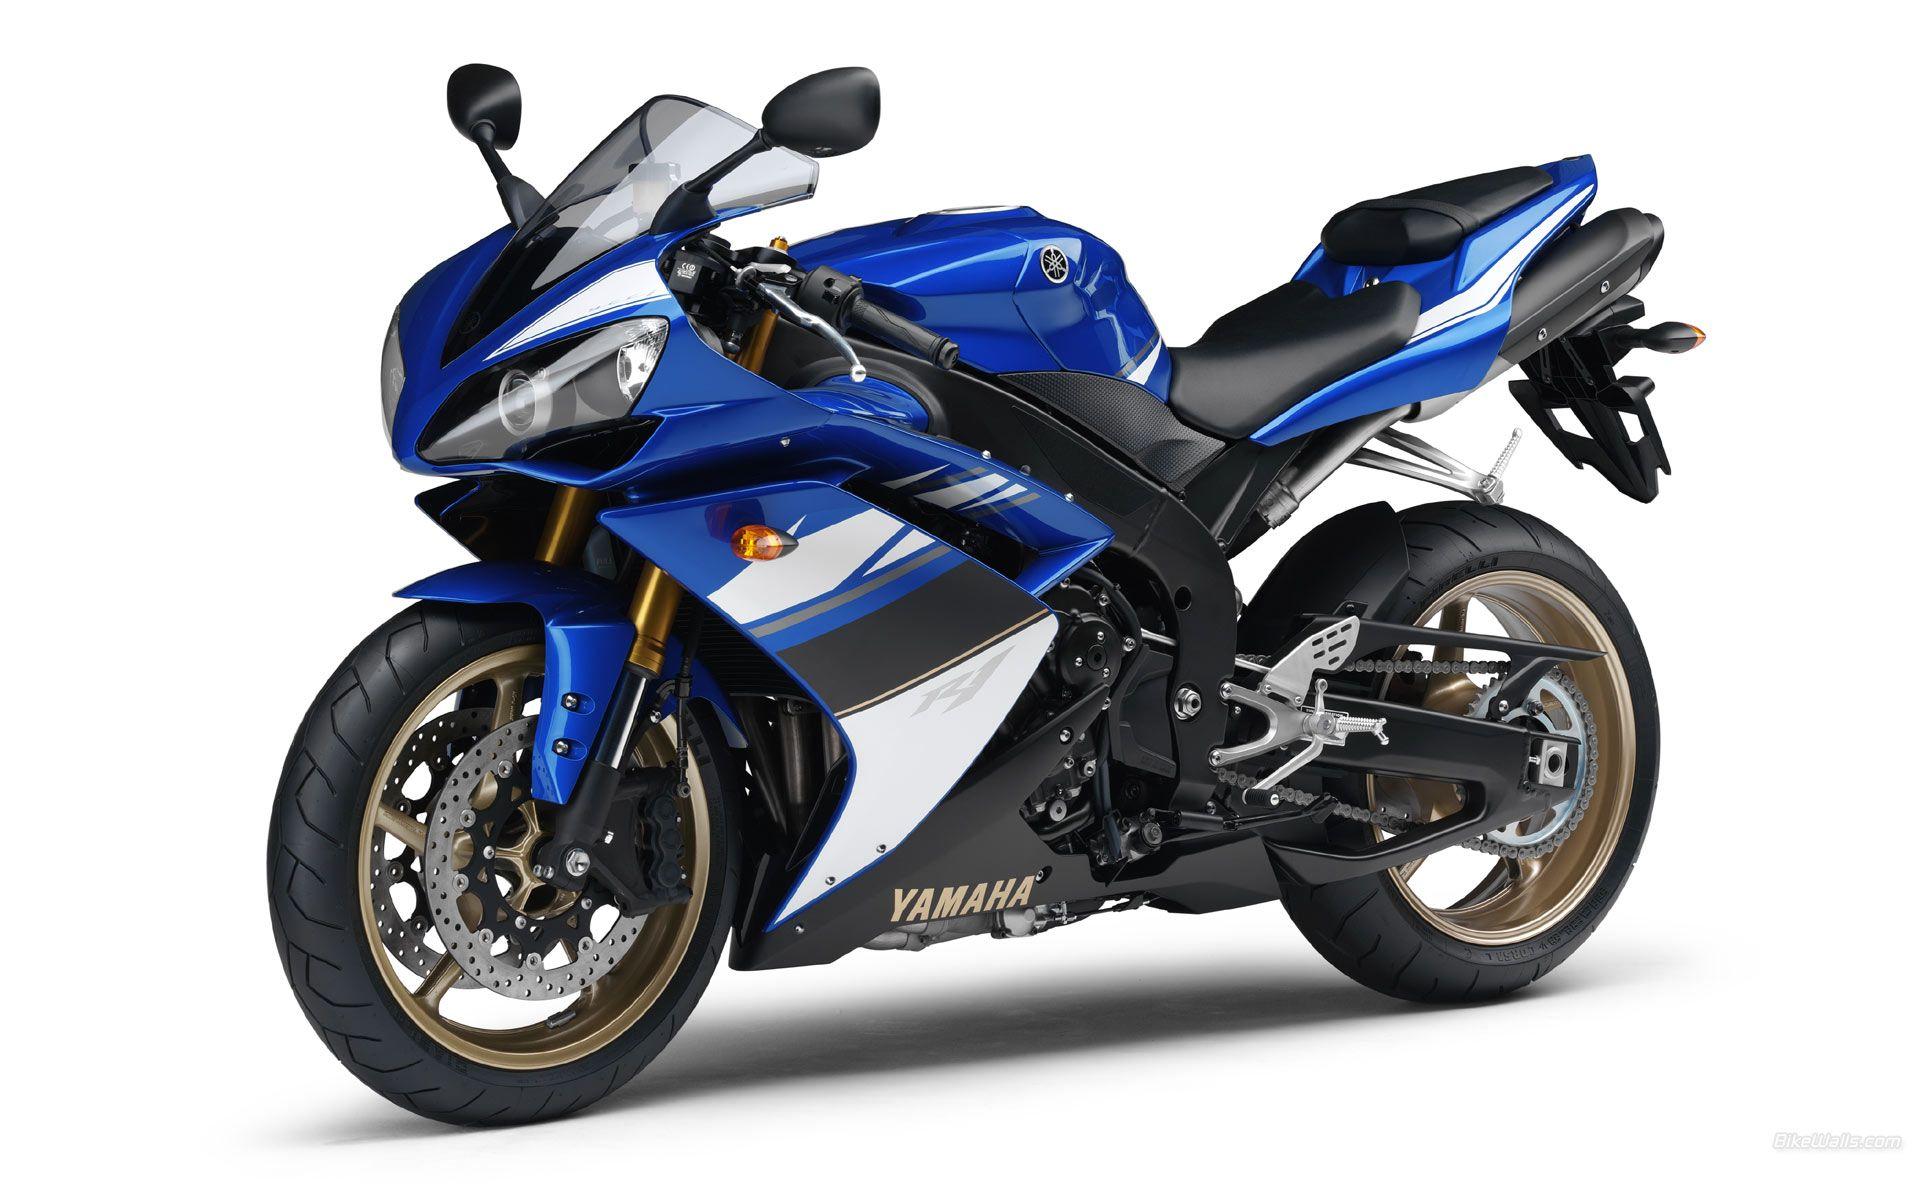 Yamaha YZF-R1 (2008) | YAMAHA R1/YZF-R1 1998-2016 | Pinterest